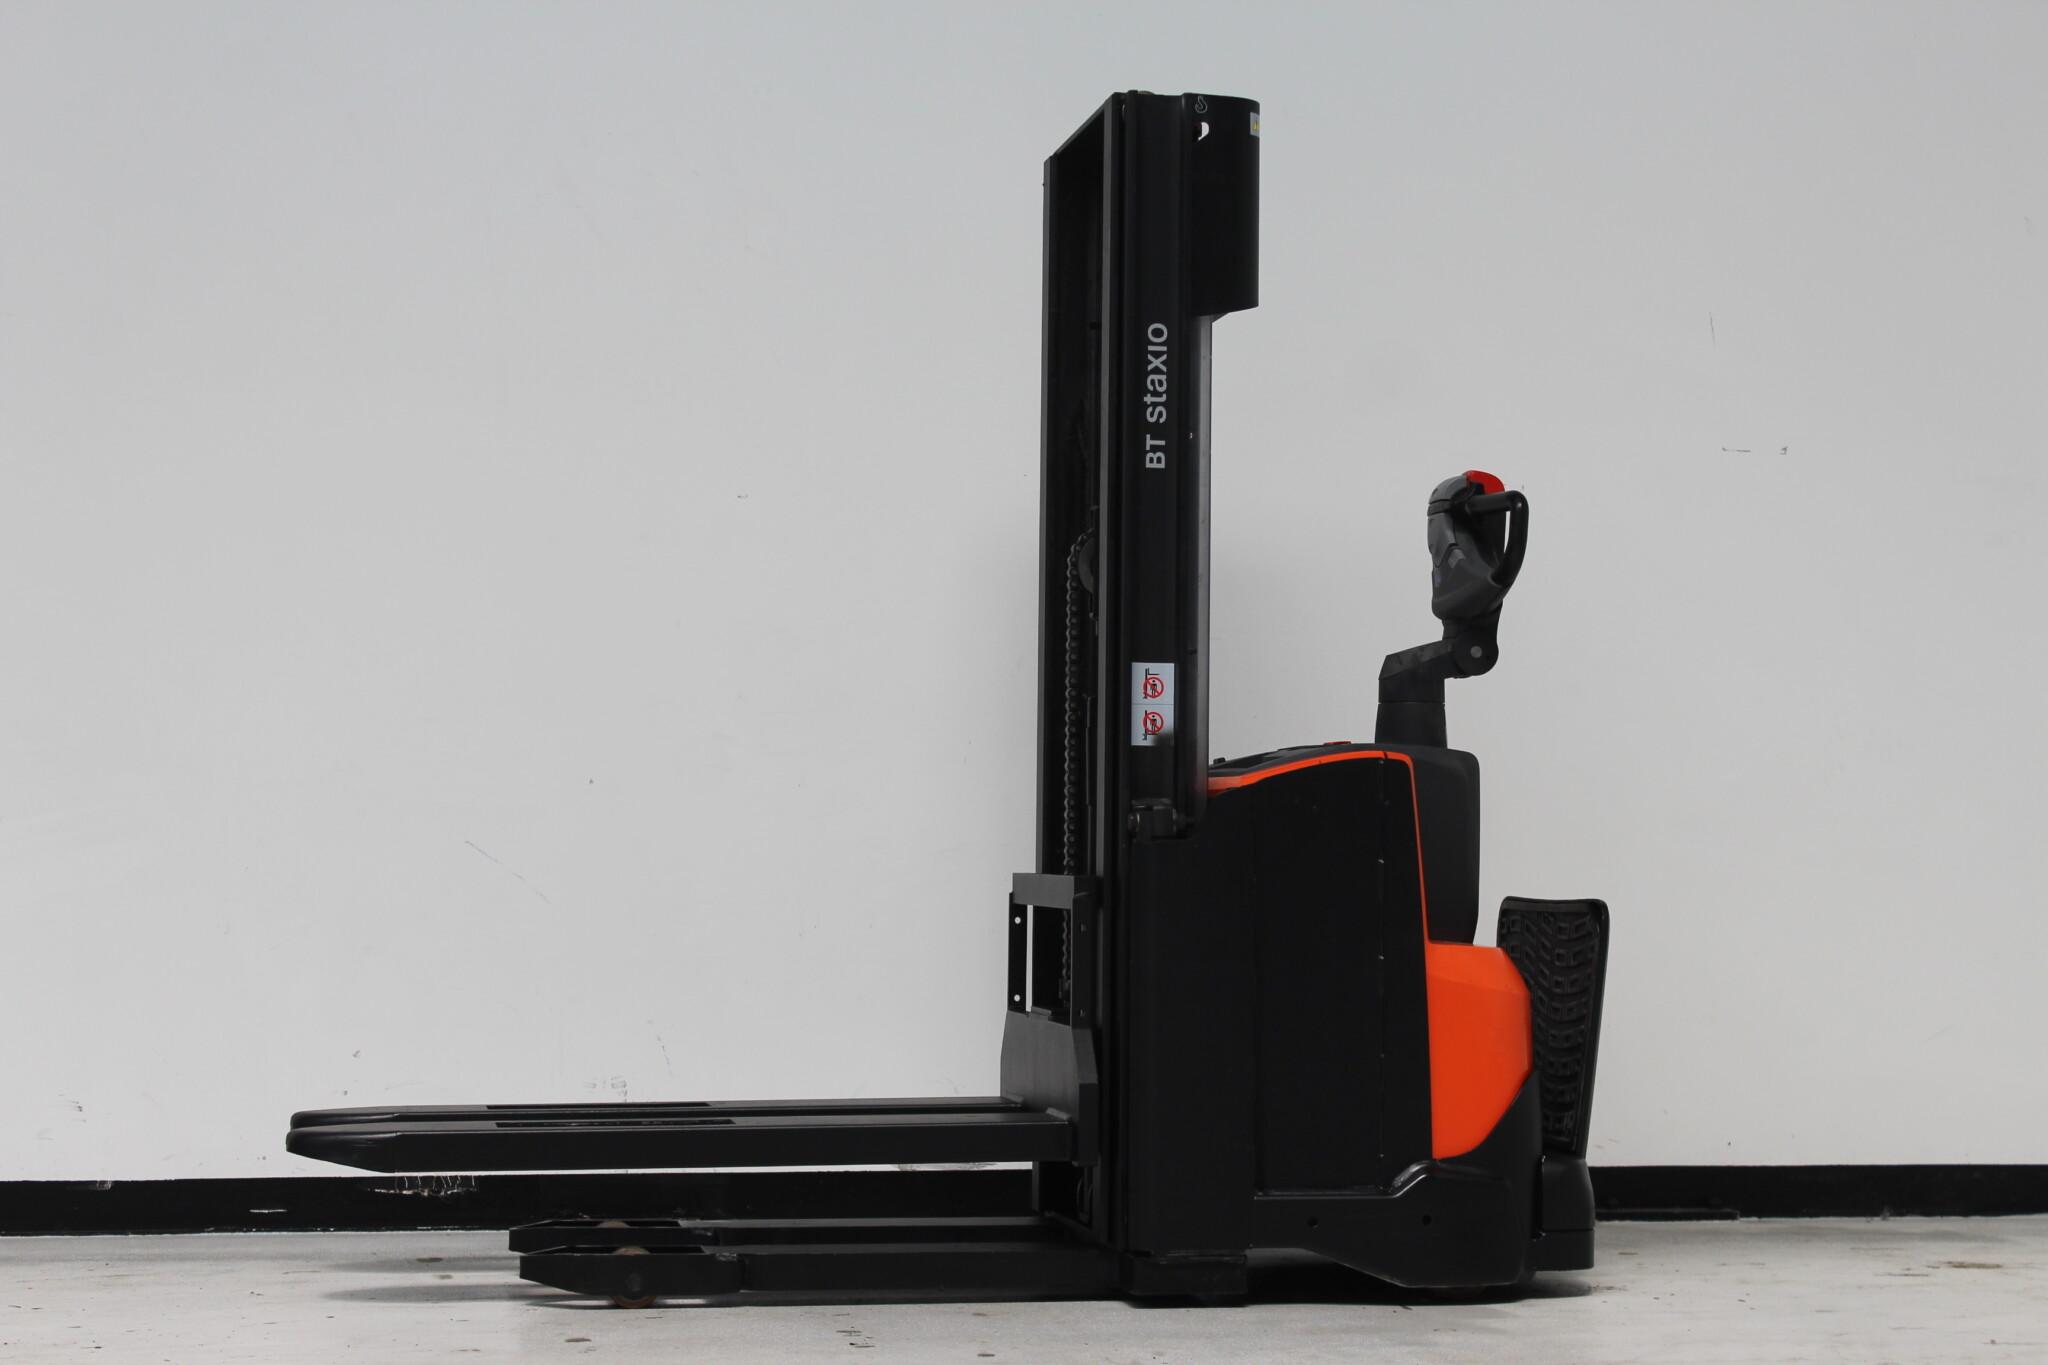 Toyota-Gabelstapler-59840 1606021594 1 scaled